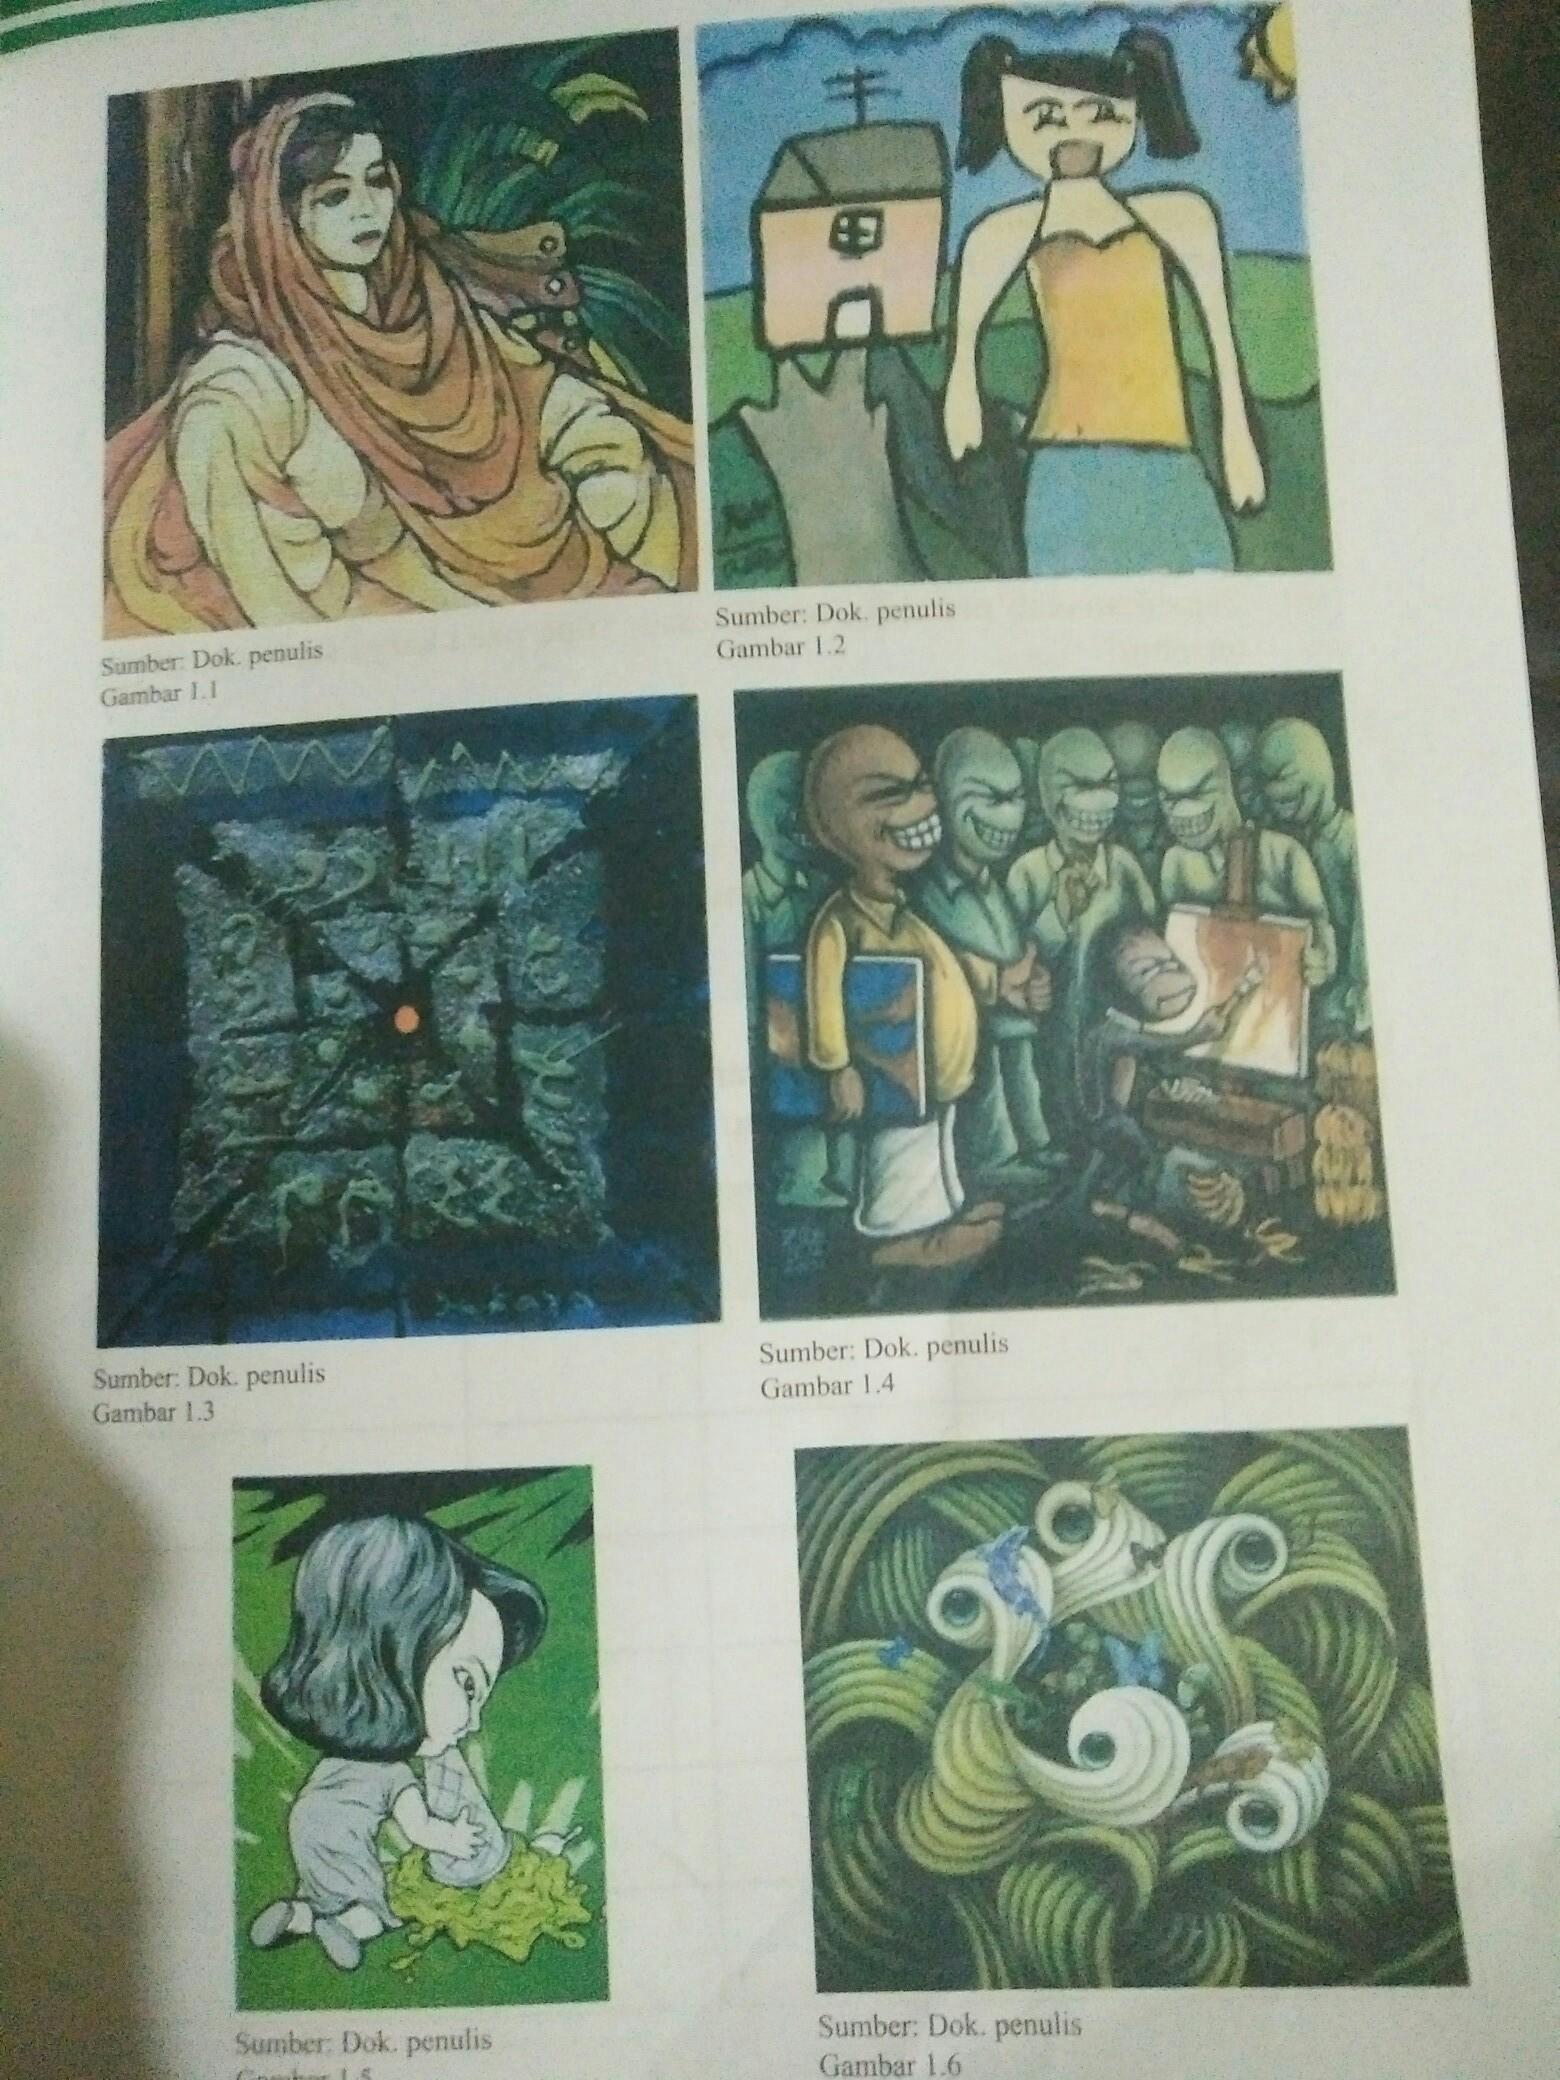 Jenis Jenis Karya Seni Rupa 2 Dimensi : jenis, karya, dimensi, Mengidentifikasi, Jenis, Karya, Dimensi